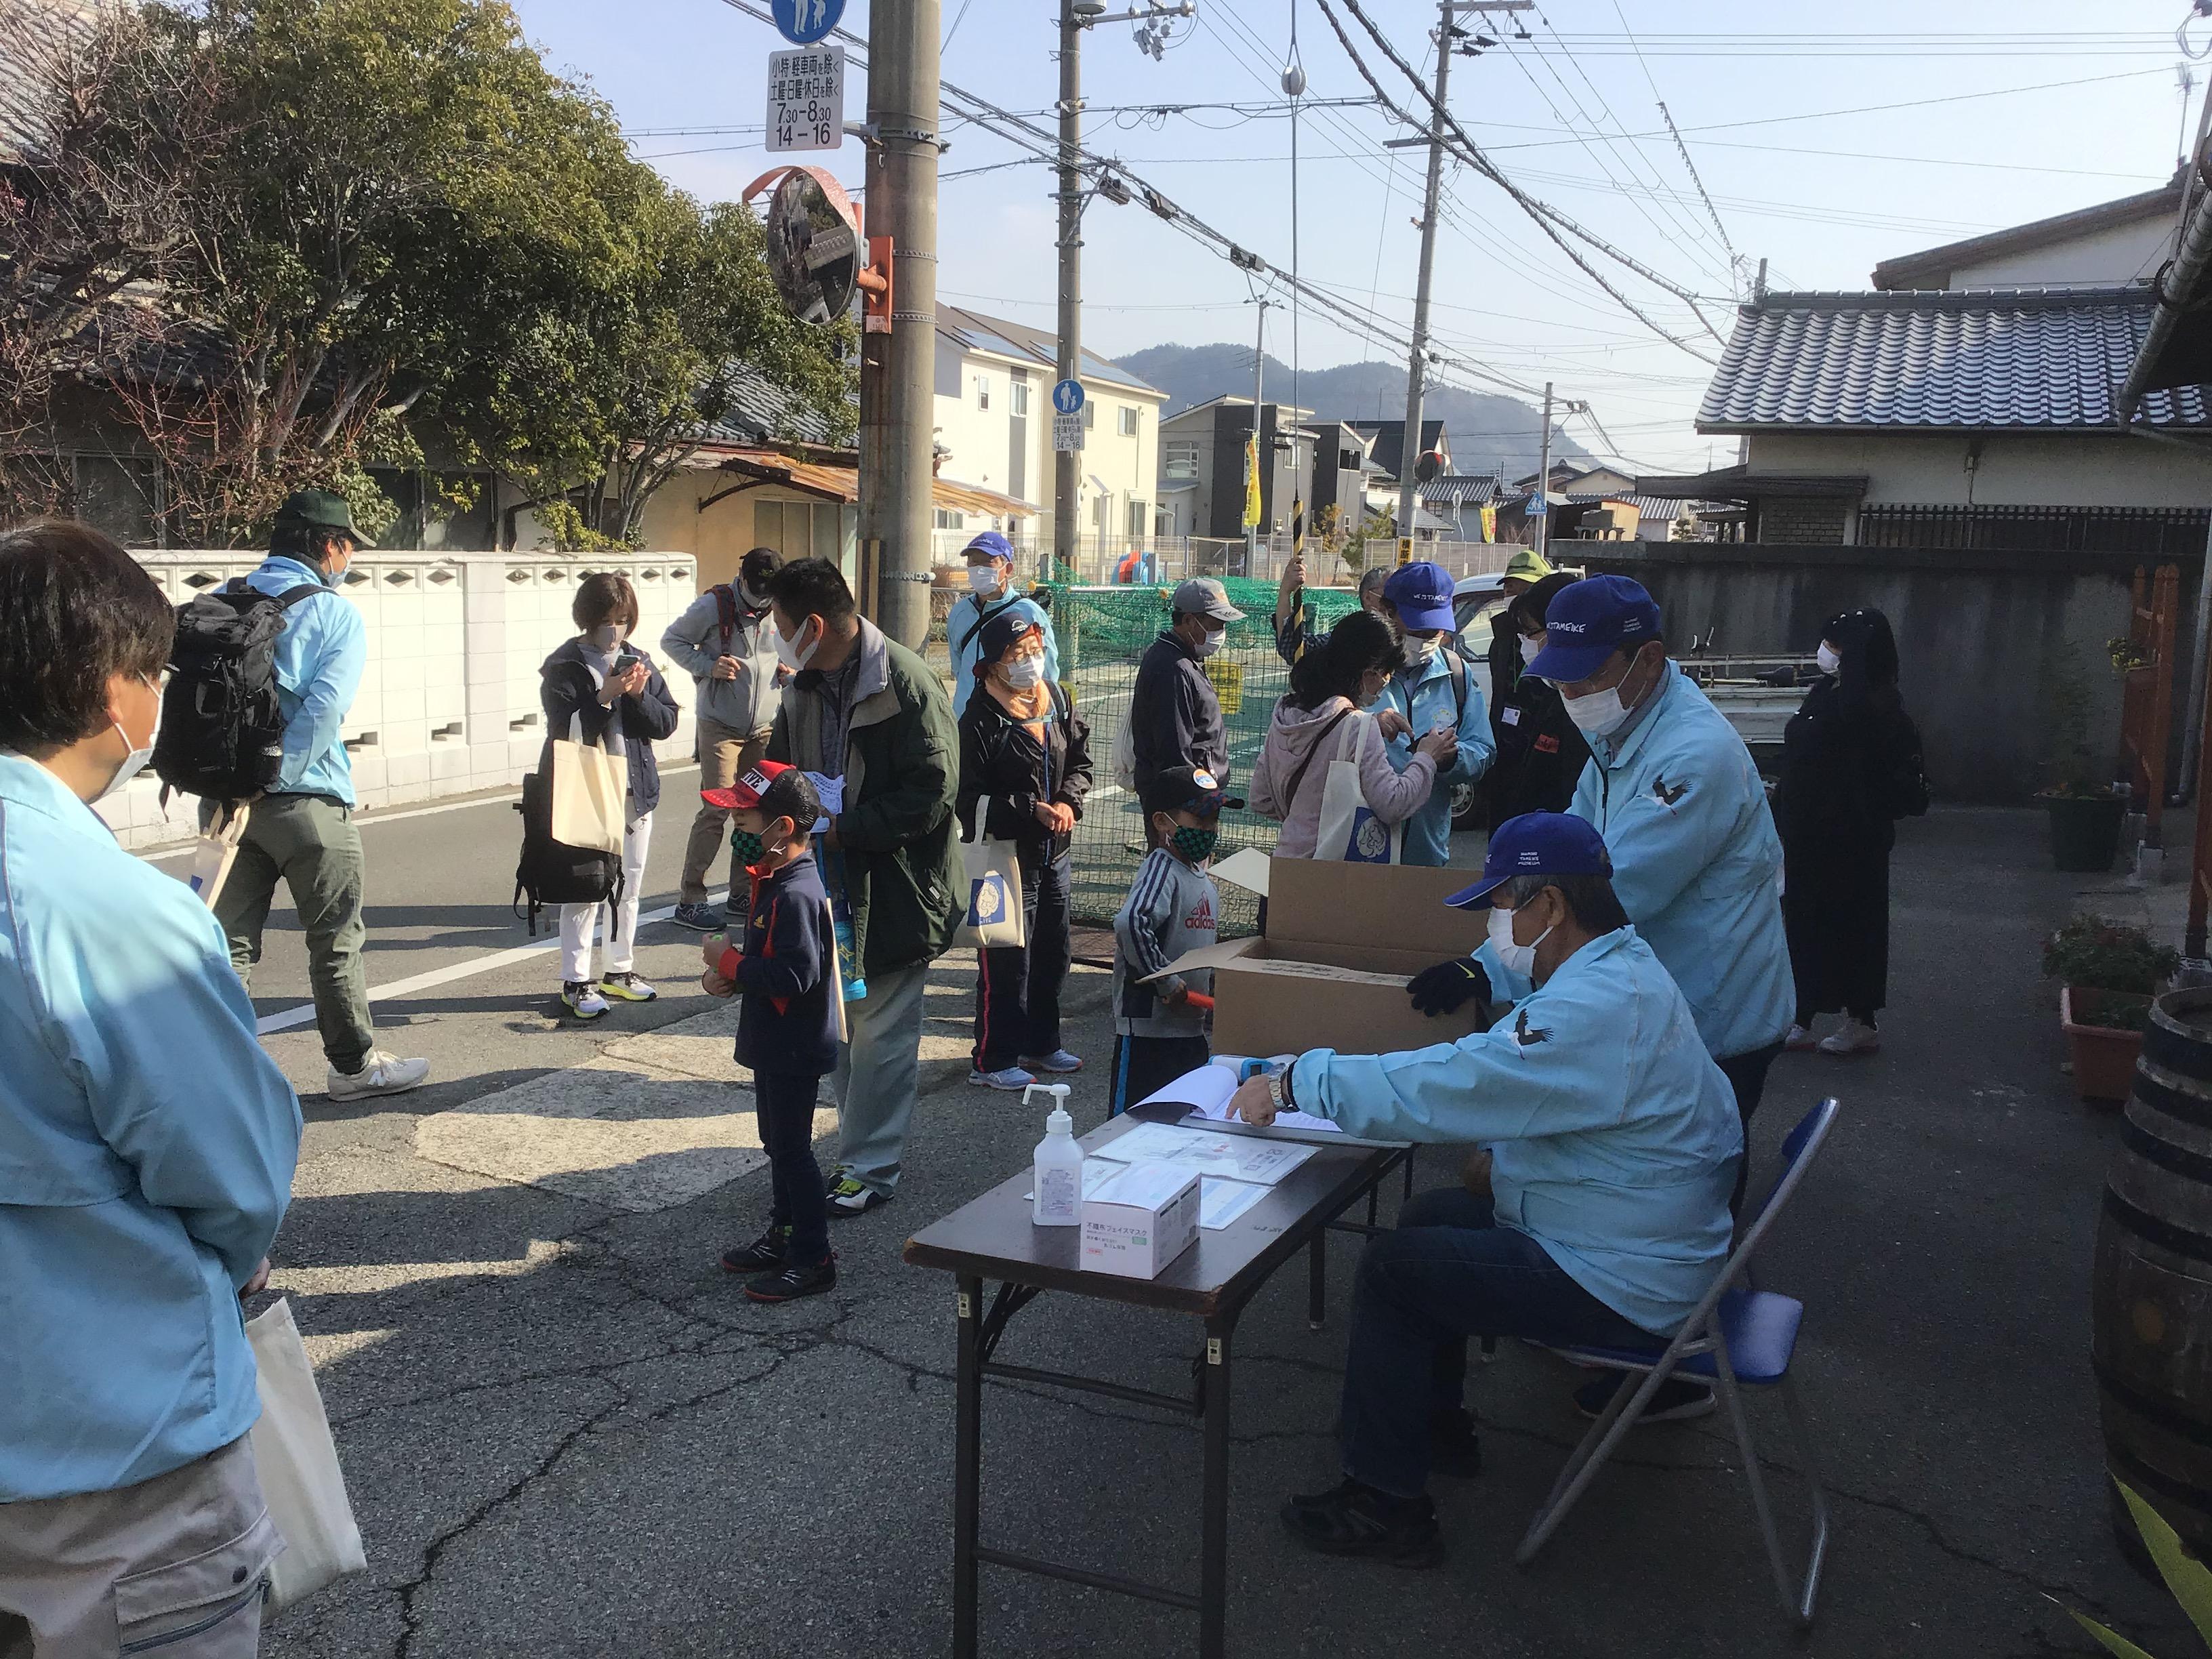 JR曽根駅から旧街道を東へ歩き、中西公民館(旧阿弥陀小学校南側)で受付。